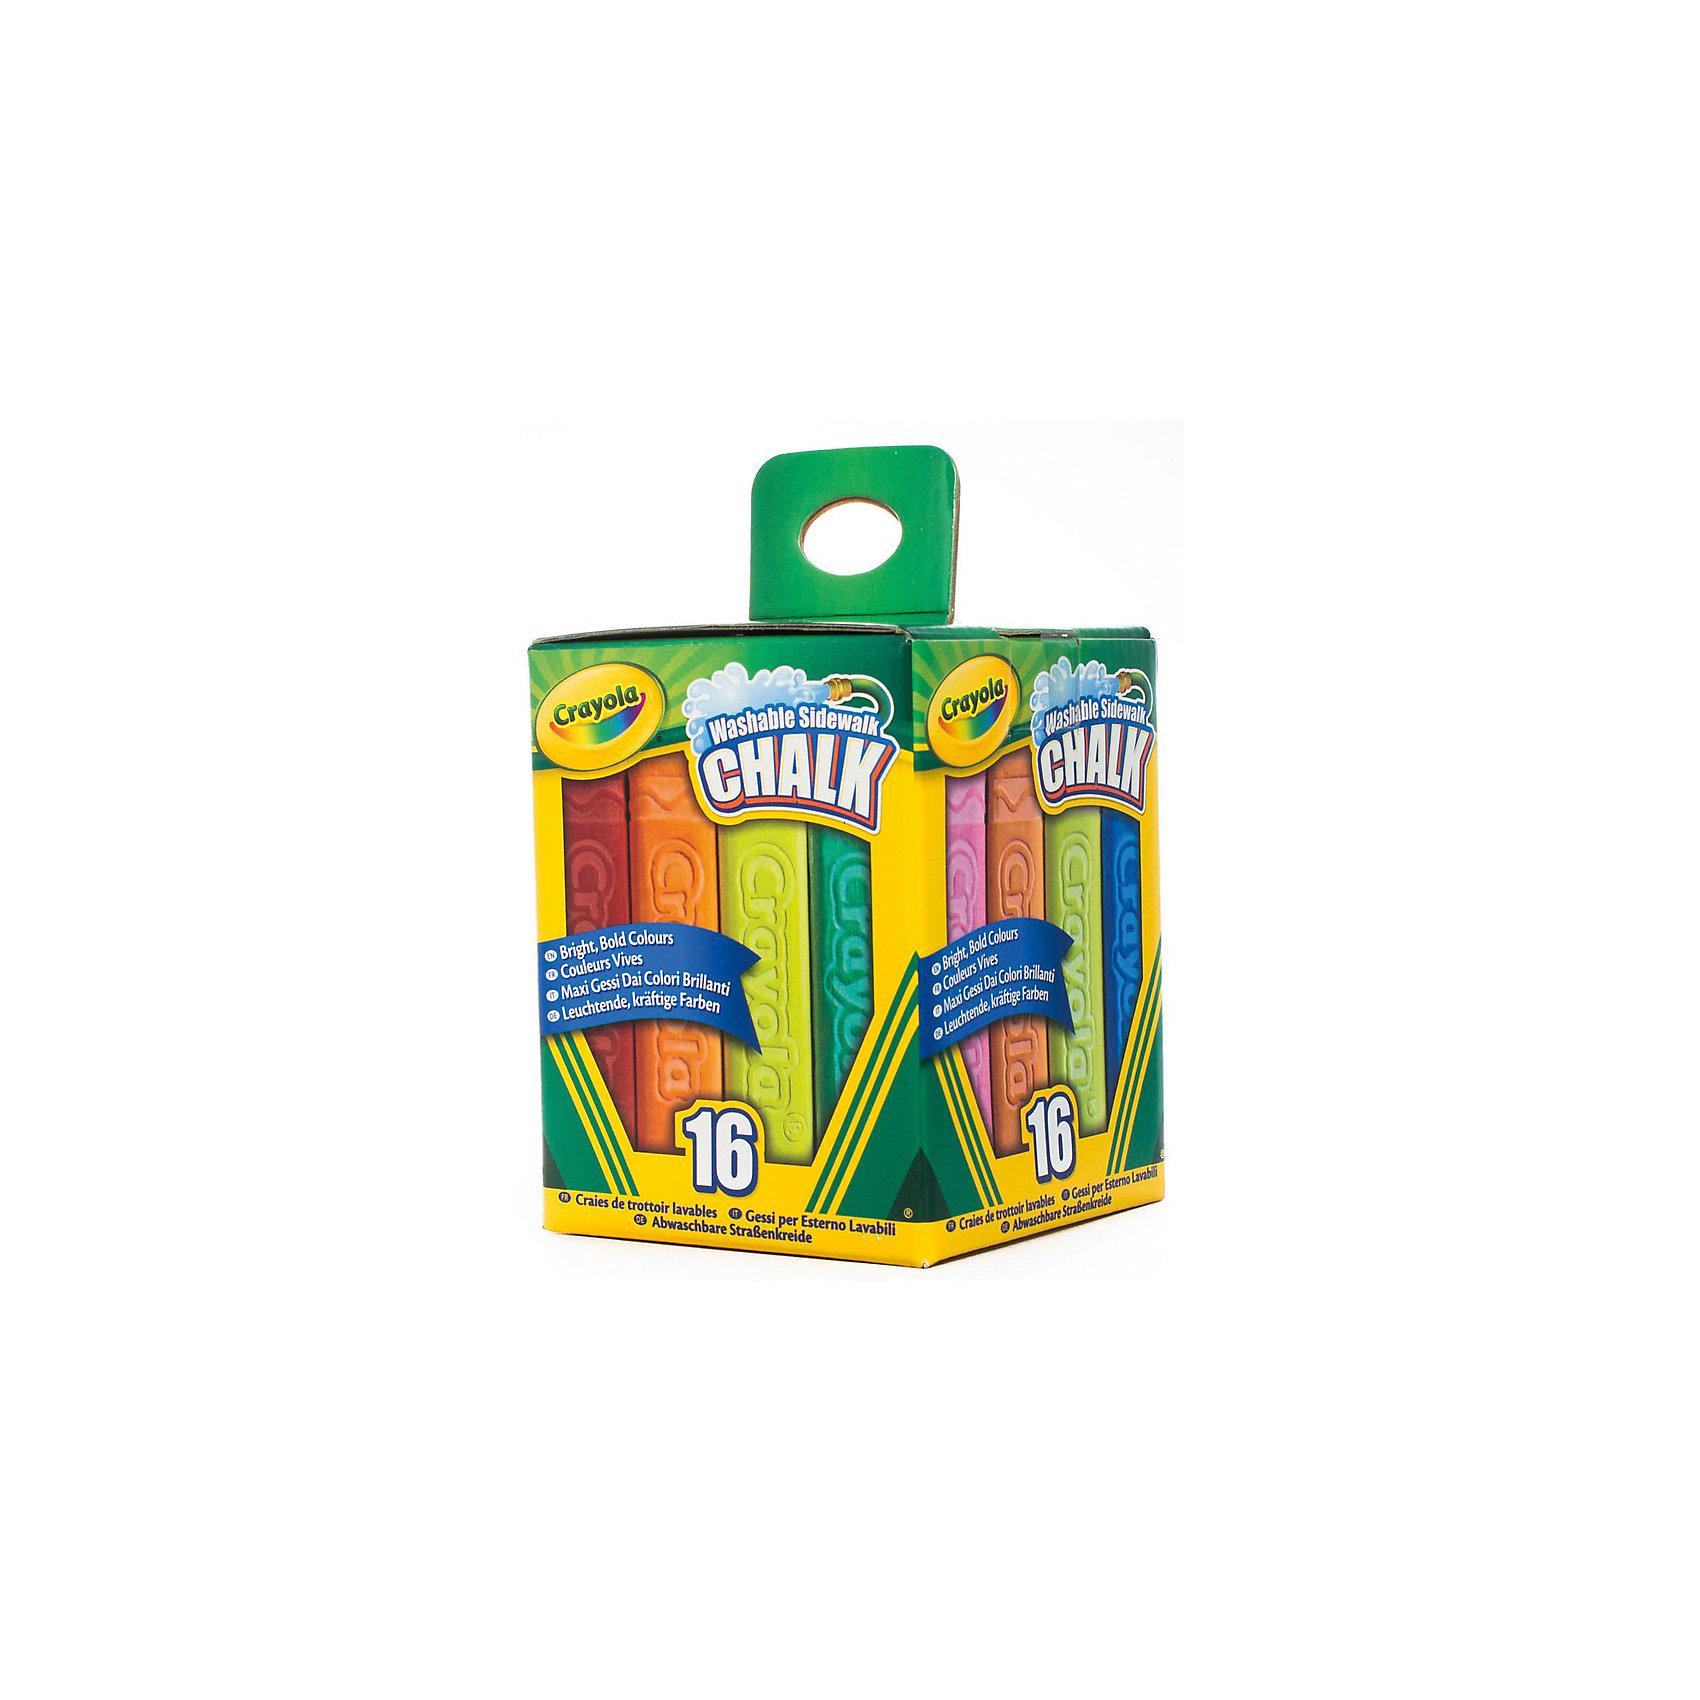 Мел для рисования на асфальте, 16 шт., CrayolaВ этом наборе вы найдете богатую палитру оттенков. Целых 16 разноцветных смываемых мелков для рисования от Crayola (Крайола). Ими можно нарисовать все, что угодно. Мелки оставляют максимально яркие и насыщенные следы на асфальте. Попробуйте, чтобы убедиться в этом. <br>Благодаря специальной утолщенной форме мелки обладают стойкостью к повреждениям. Такой мелок не расколется от чрезмерного нажима или падения на асфальте. <br><br>Эти мелки легко смываются не только с детских рук и одежды, но и с асфальта и камня. Просто полейте нужный участок водой, и можно рисовать заново! <br><br>Дополнительная информация:<br><br>Длина одного мелка – 10 см, ширина – 2,5 см. <br>Размеры упаковки:12х9х9 см. <br>Вес коробки с мелками: 540 грамм.<br><br>Мел для рисования на асфальте, 16 шт., Crayola (Крайола) можно купить в нашем магазине.<br><br>Ширина мм: 118<br>Глубина мм: 90<br>Высота мм: 90<br>Вес г: 539<br>Возраст от месяцев: 48<br>Возраст до месяцев: 144<br>Пол: Унисекс<br>Возраст: Детский<br>SKU: 4055299